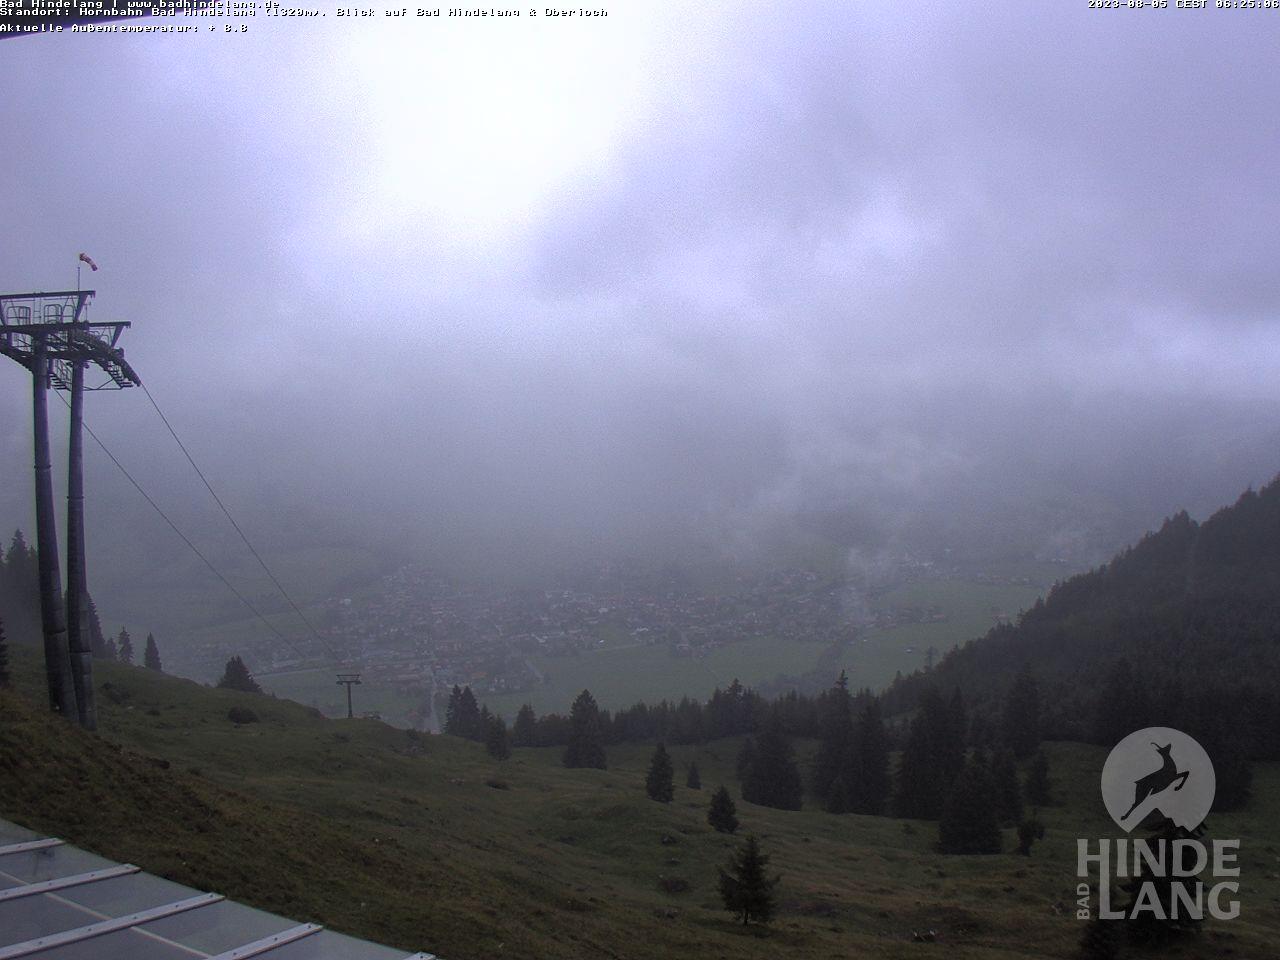 Webcam Hornbahn - Bad Hindelang im Allgäu